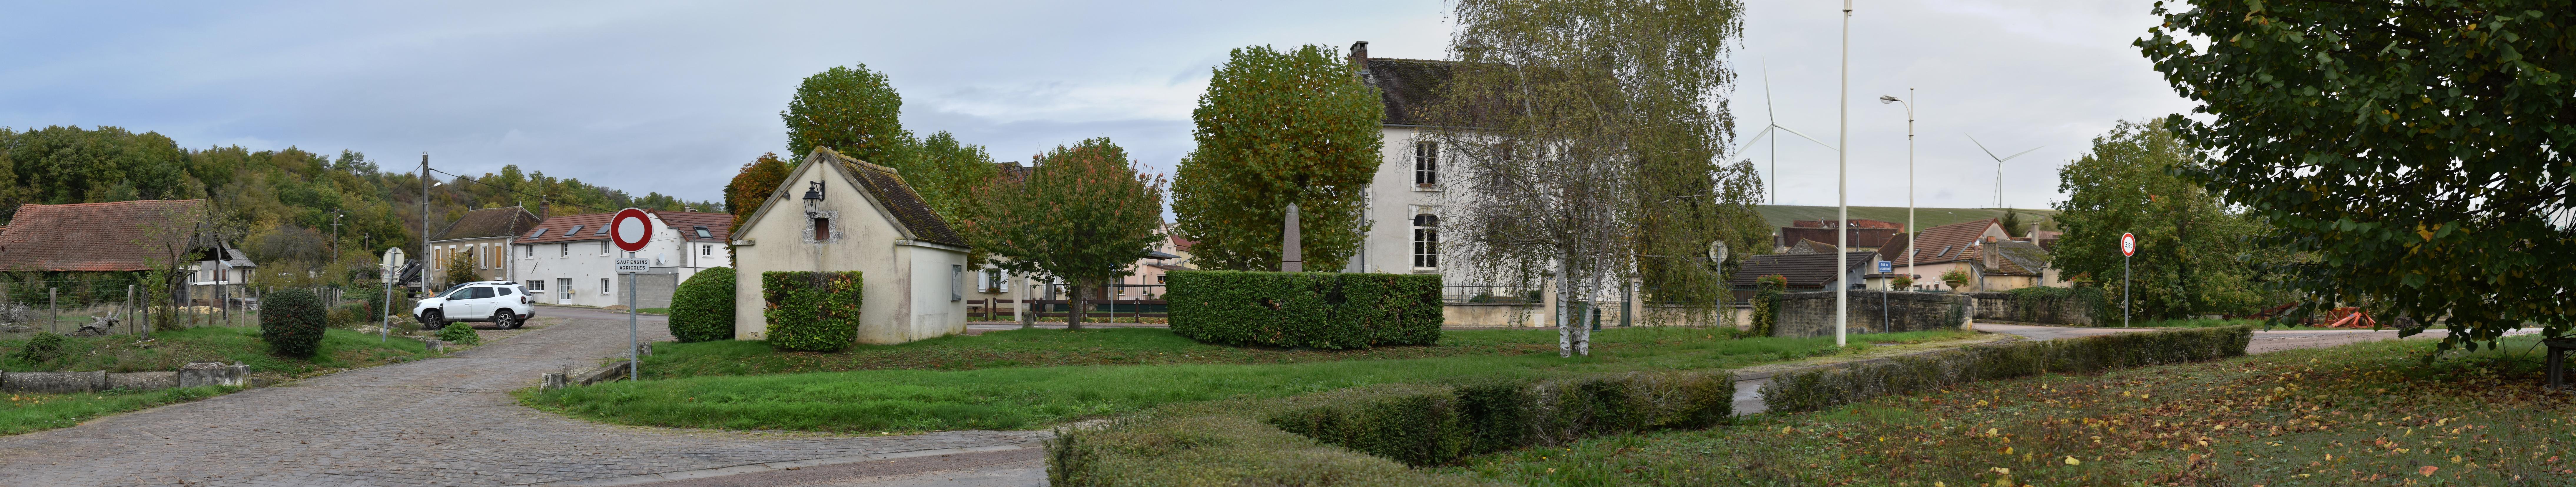 Vézannes - Coeur du village (photomontage à 1,4 km de l'éolienne la plus proche)